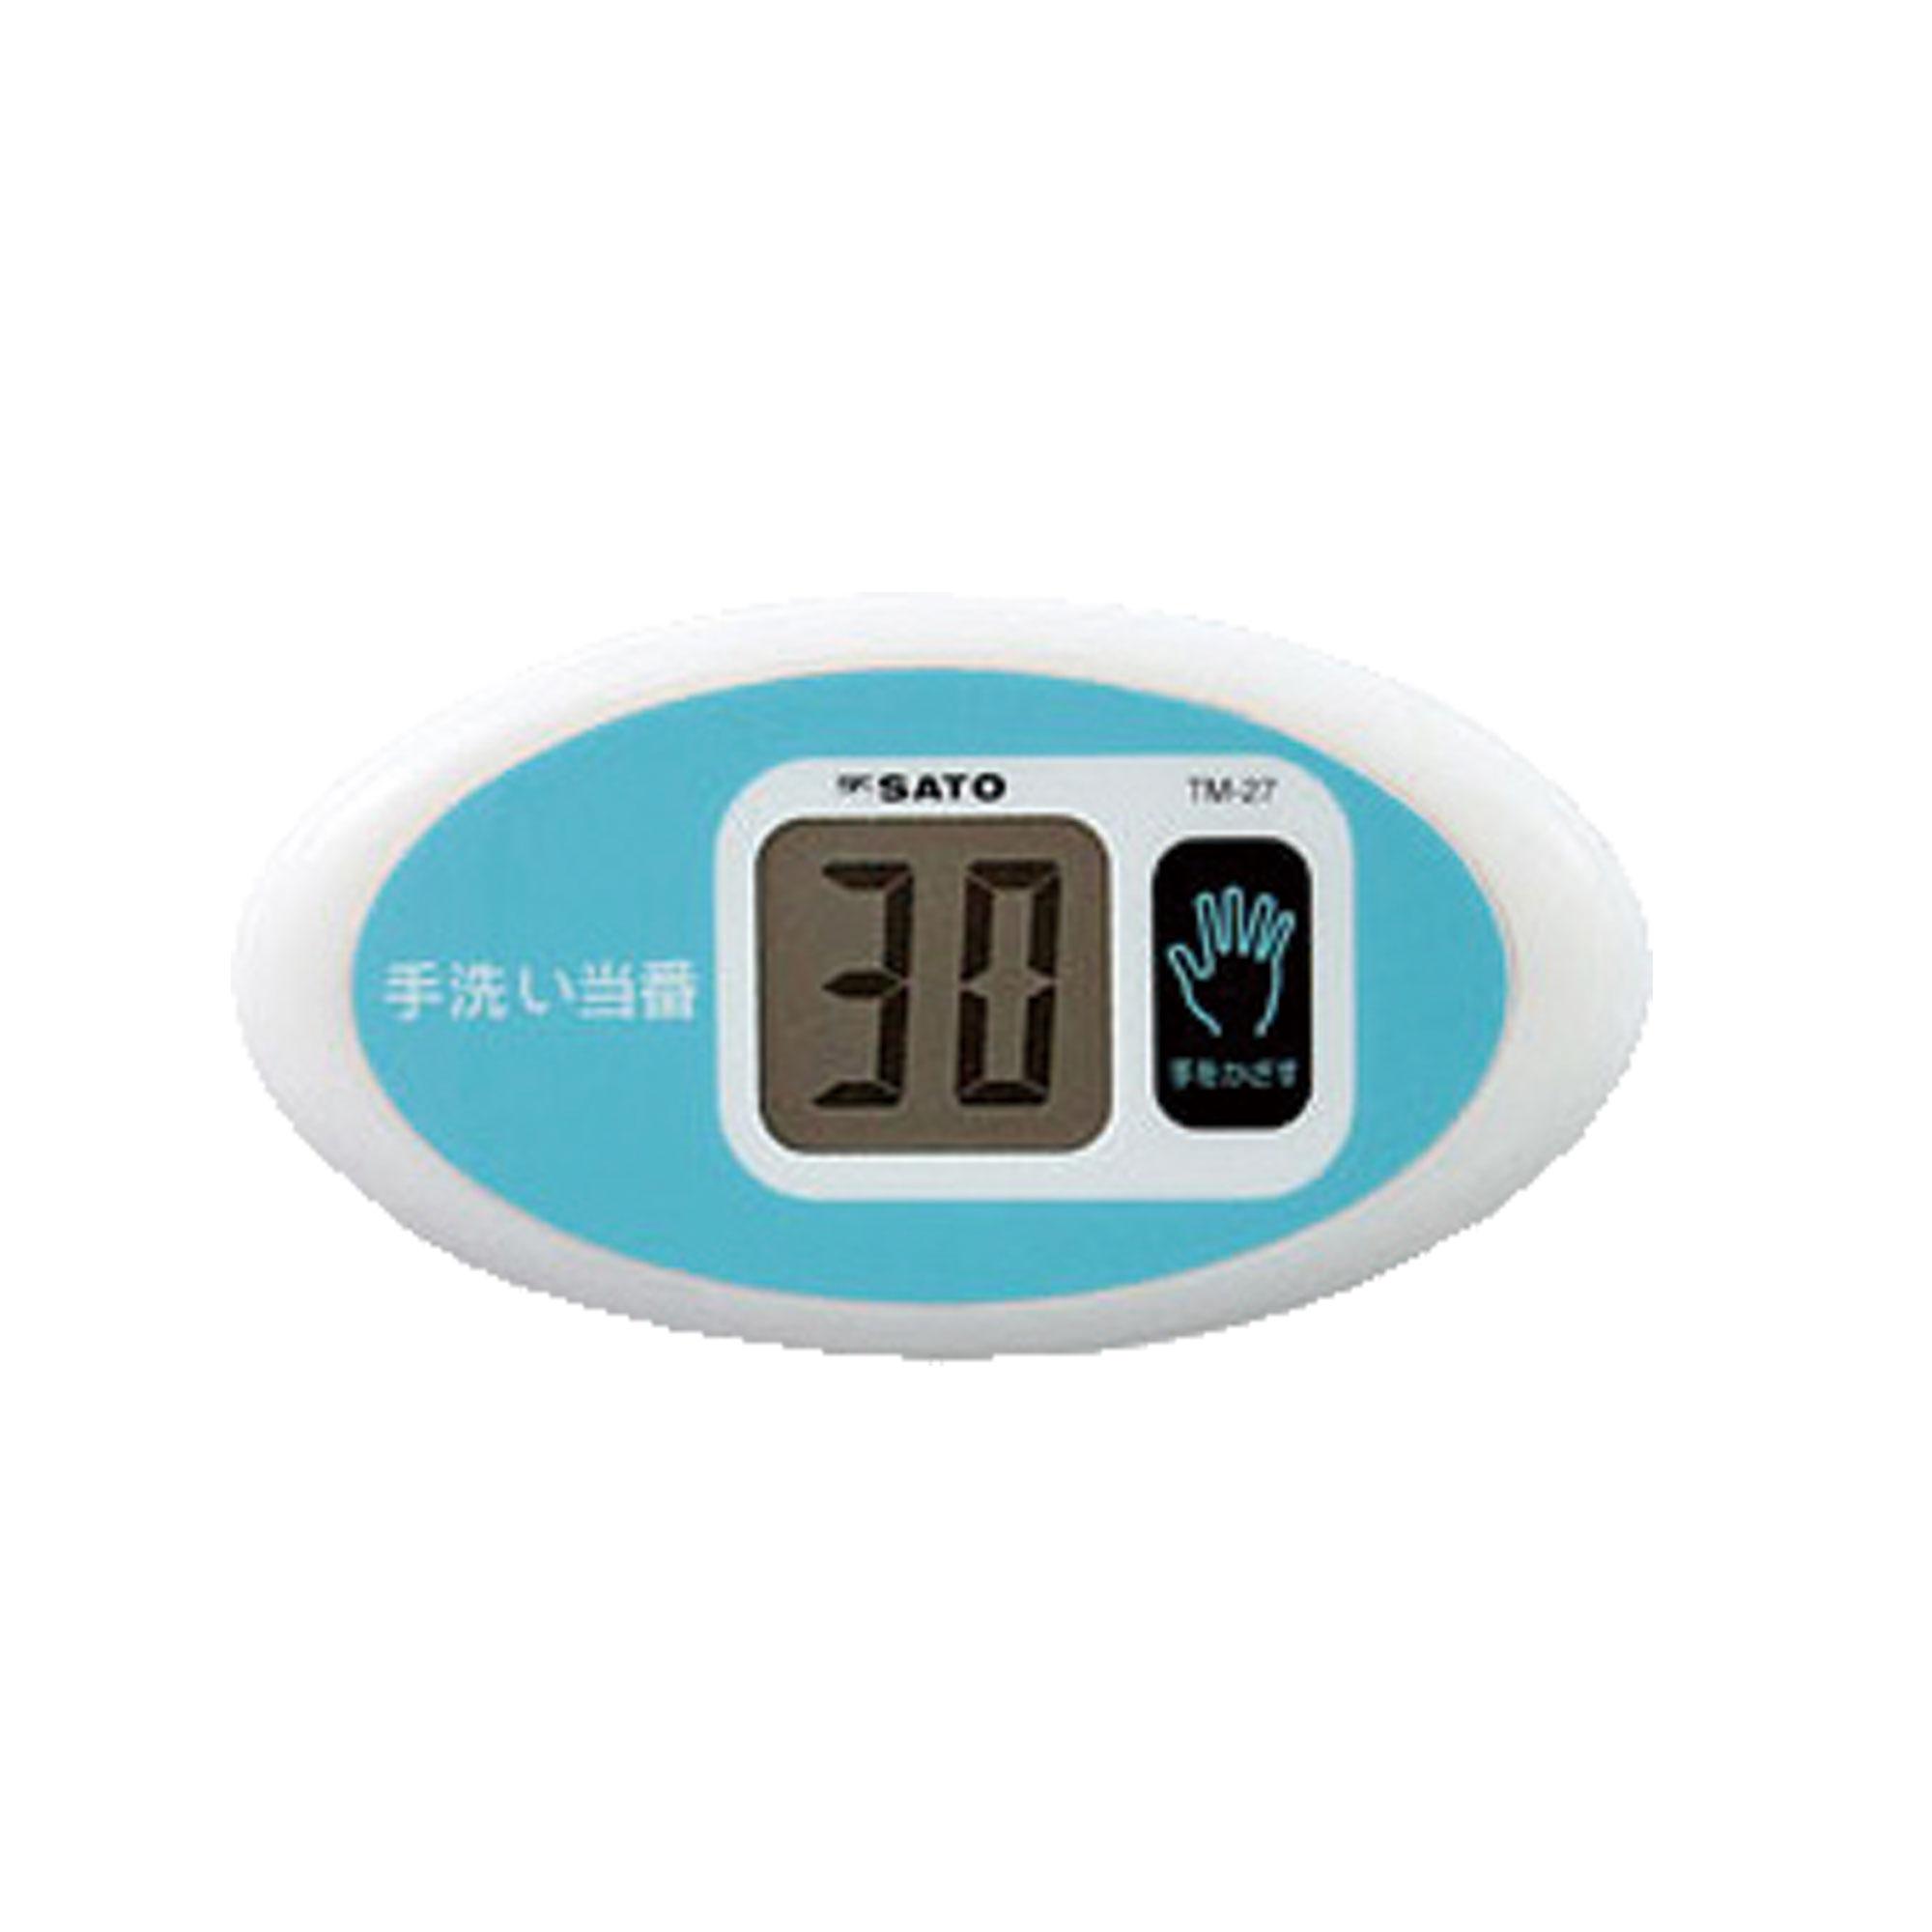 ノータッチタイマー手洗い当番 TM-27型